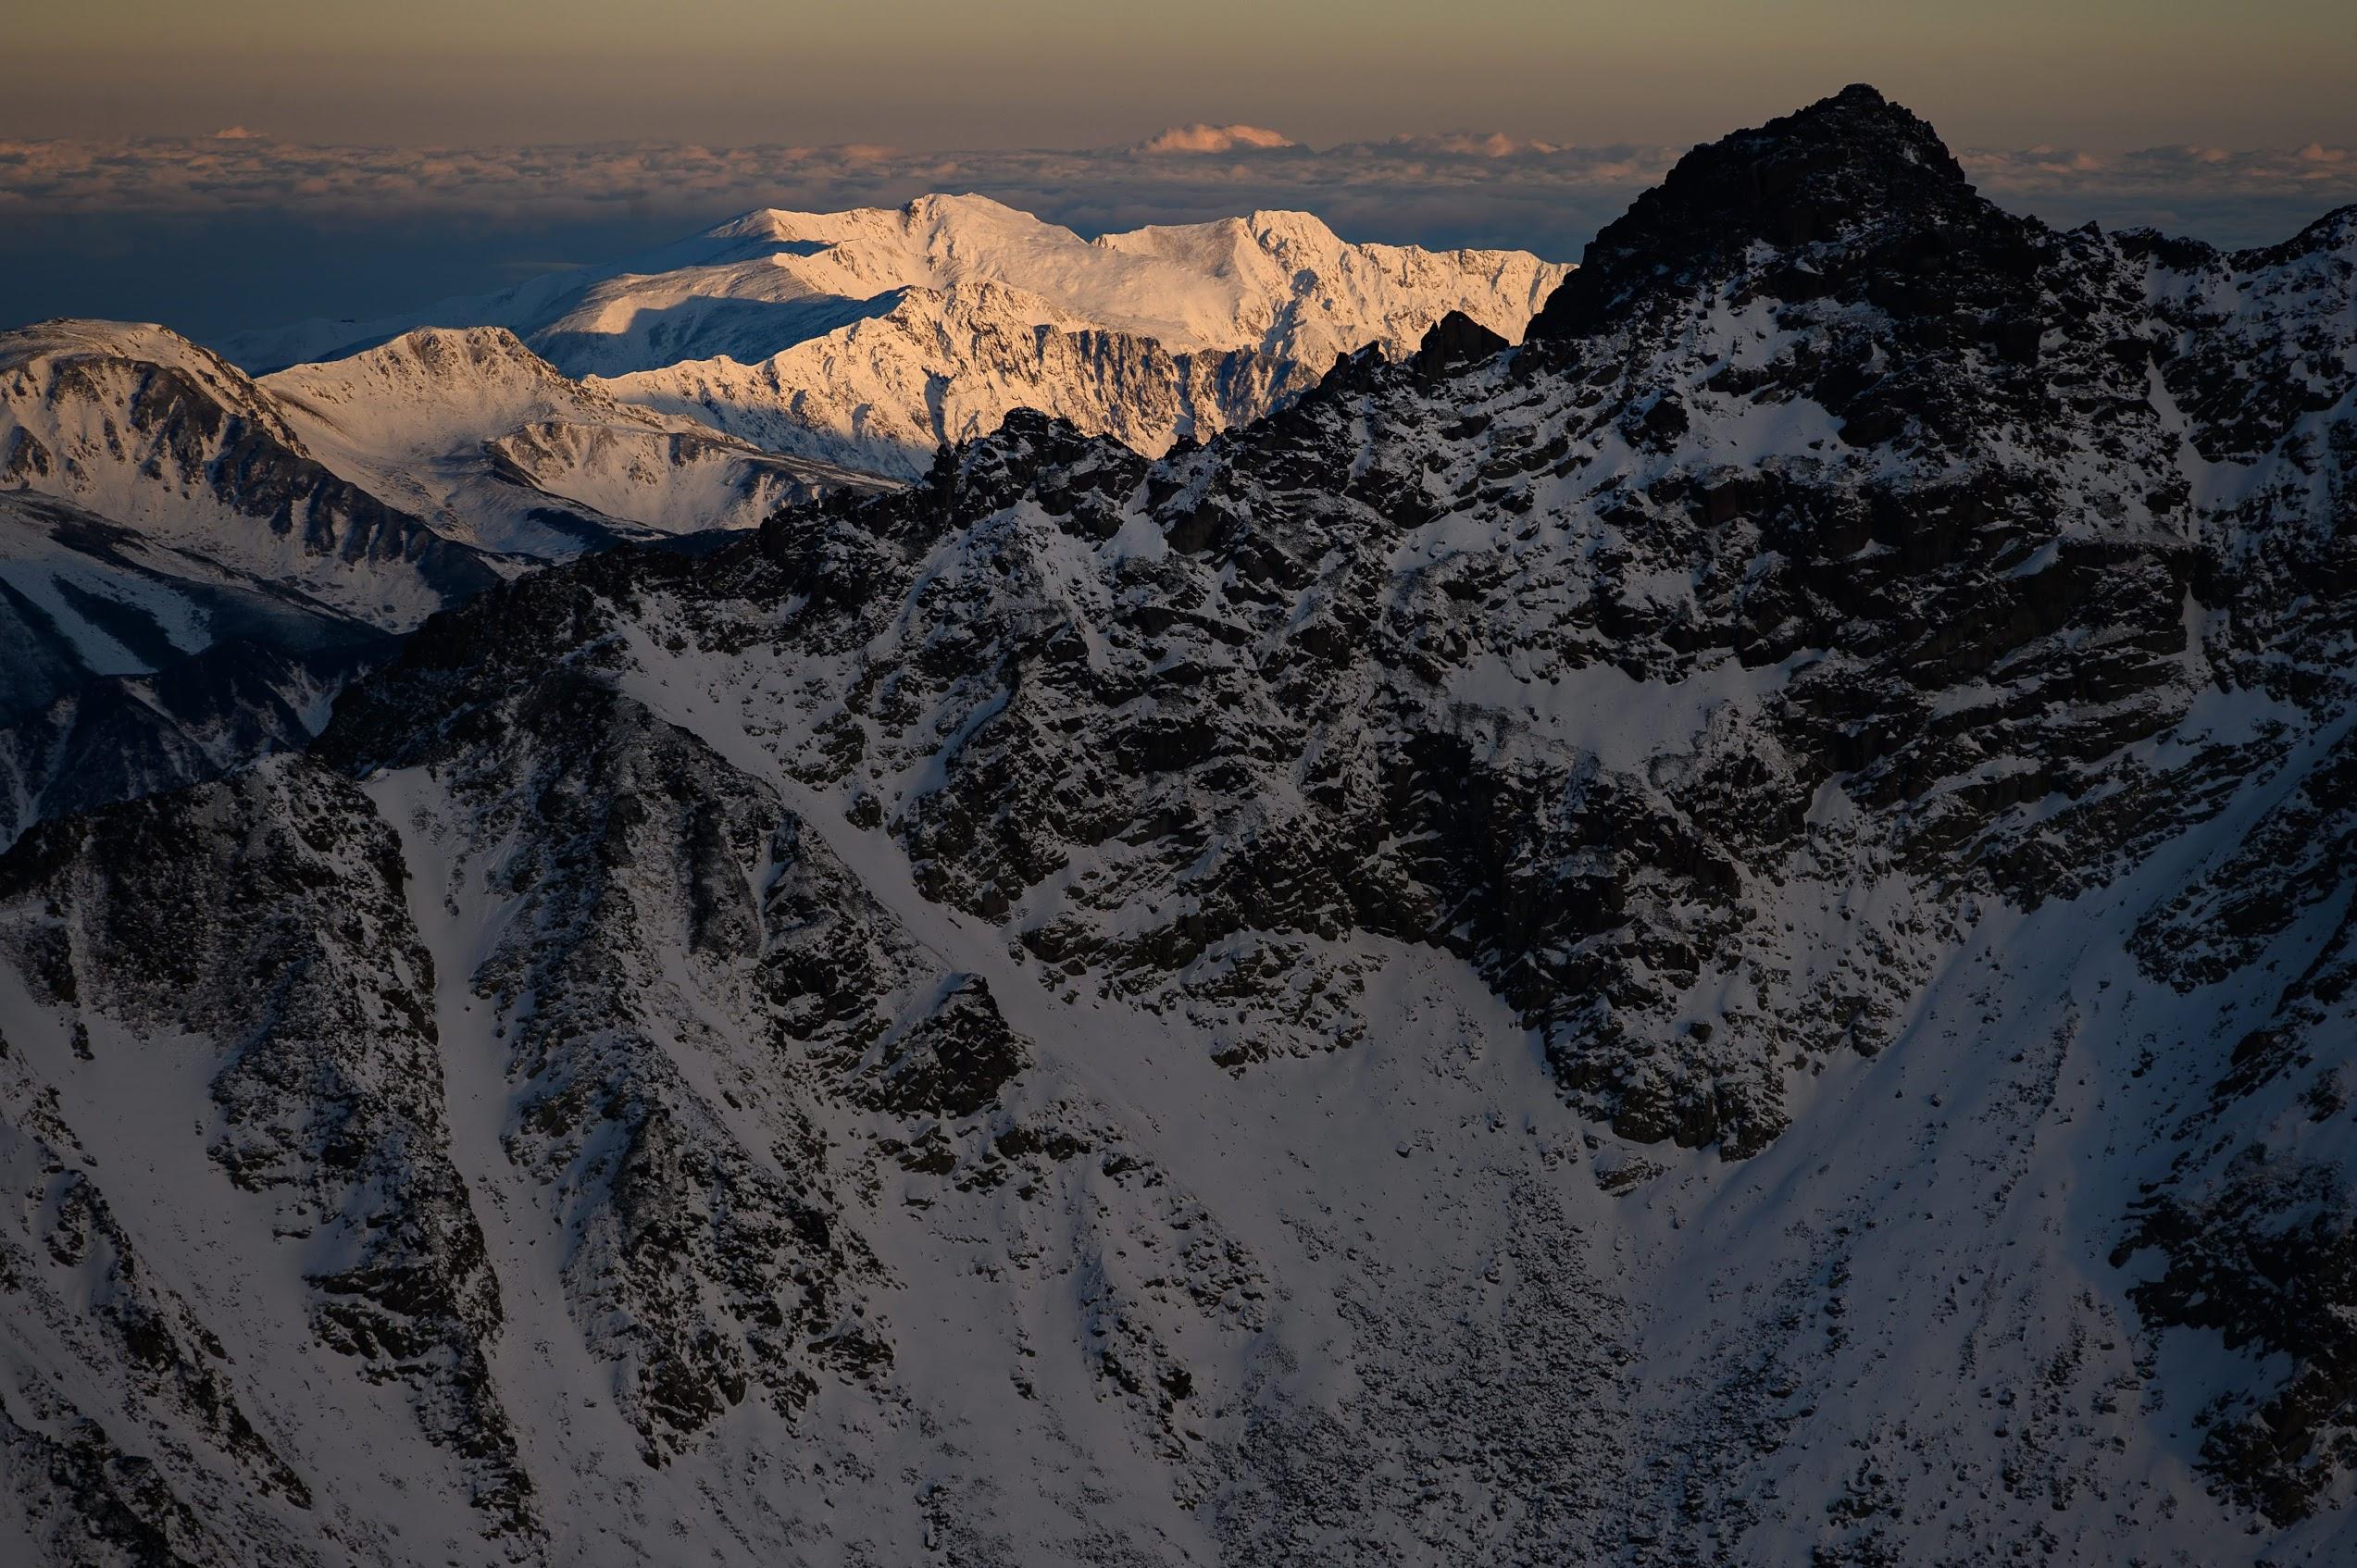 山岳写真で使うレンズ選択の苦悩「画質と利便性どちらを取るのが正解か?」